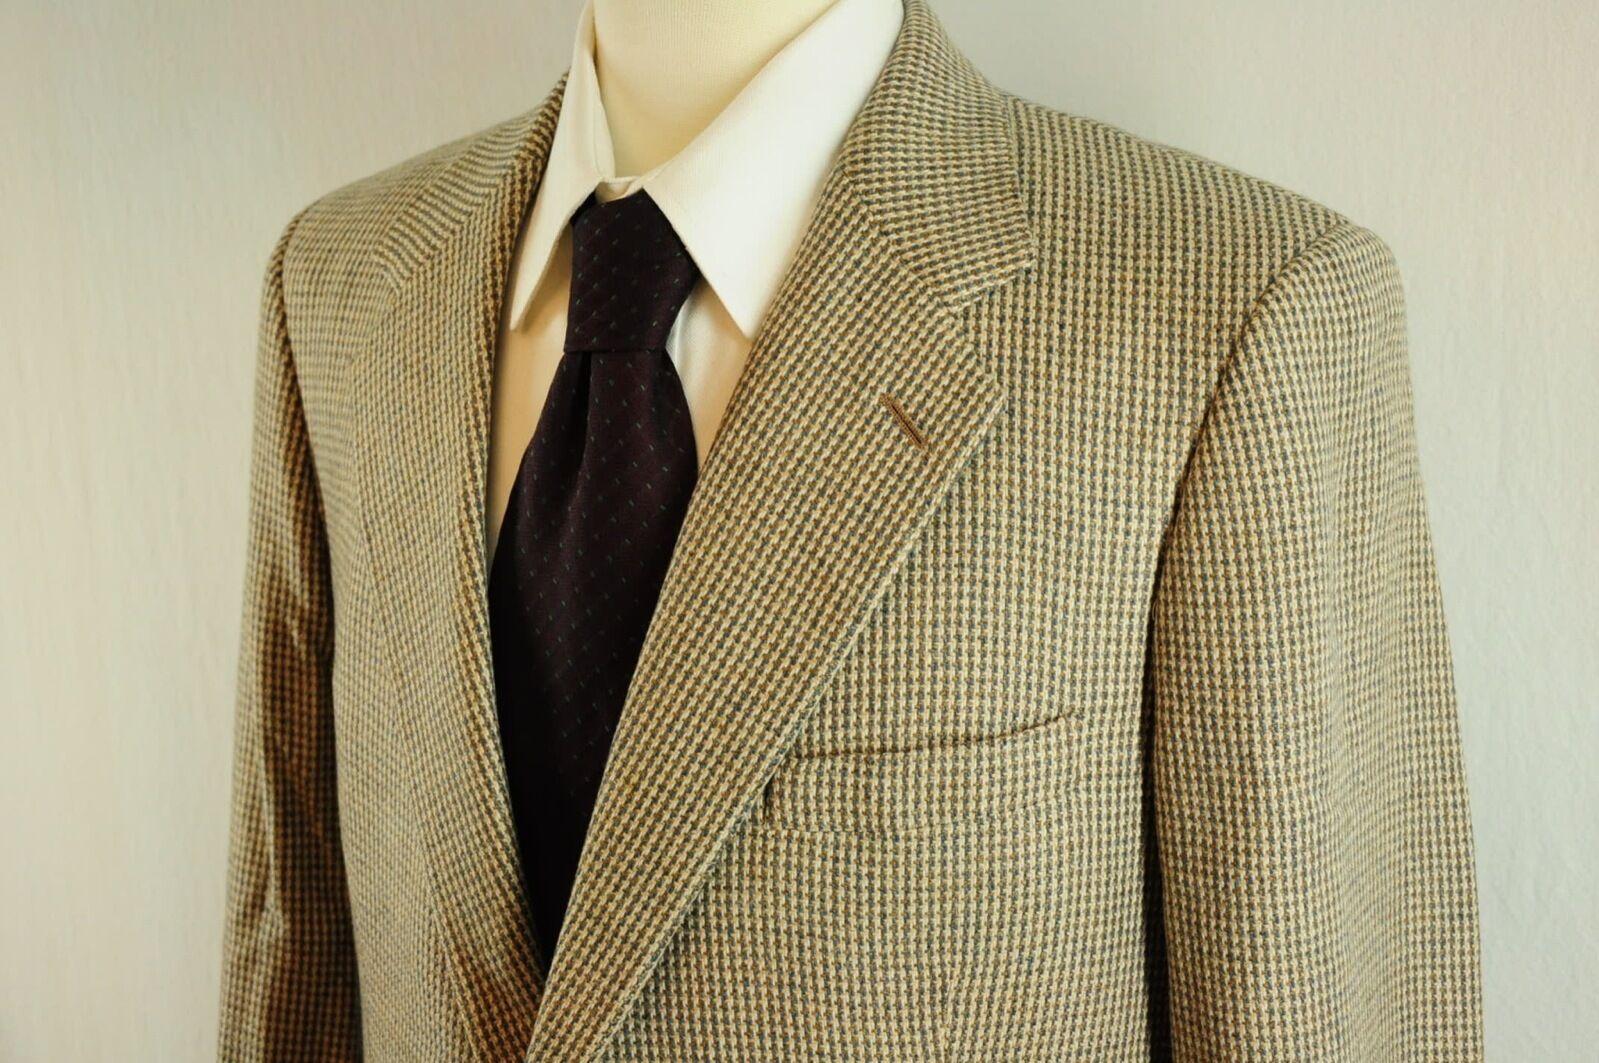 Saks Fifth Avenue 100% Cashmere Braun Tweed Sport Coat Tons of Handwork  40